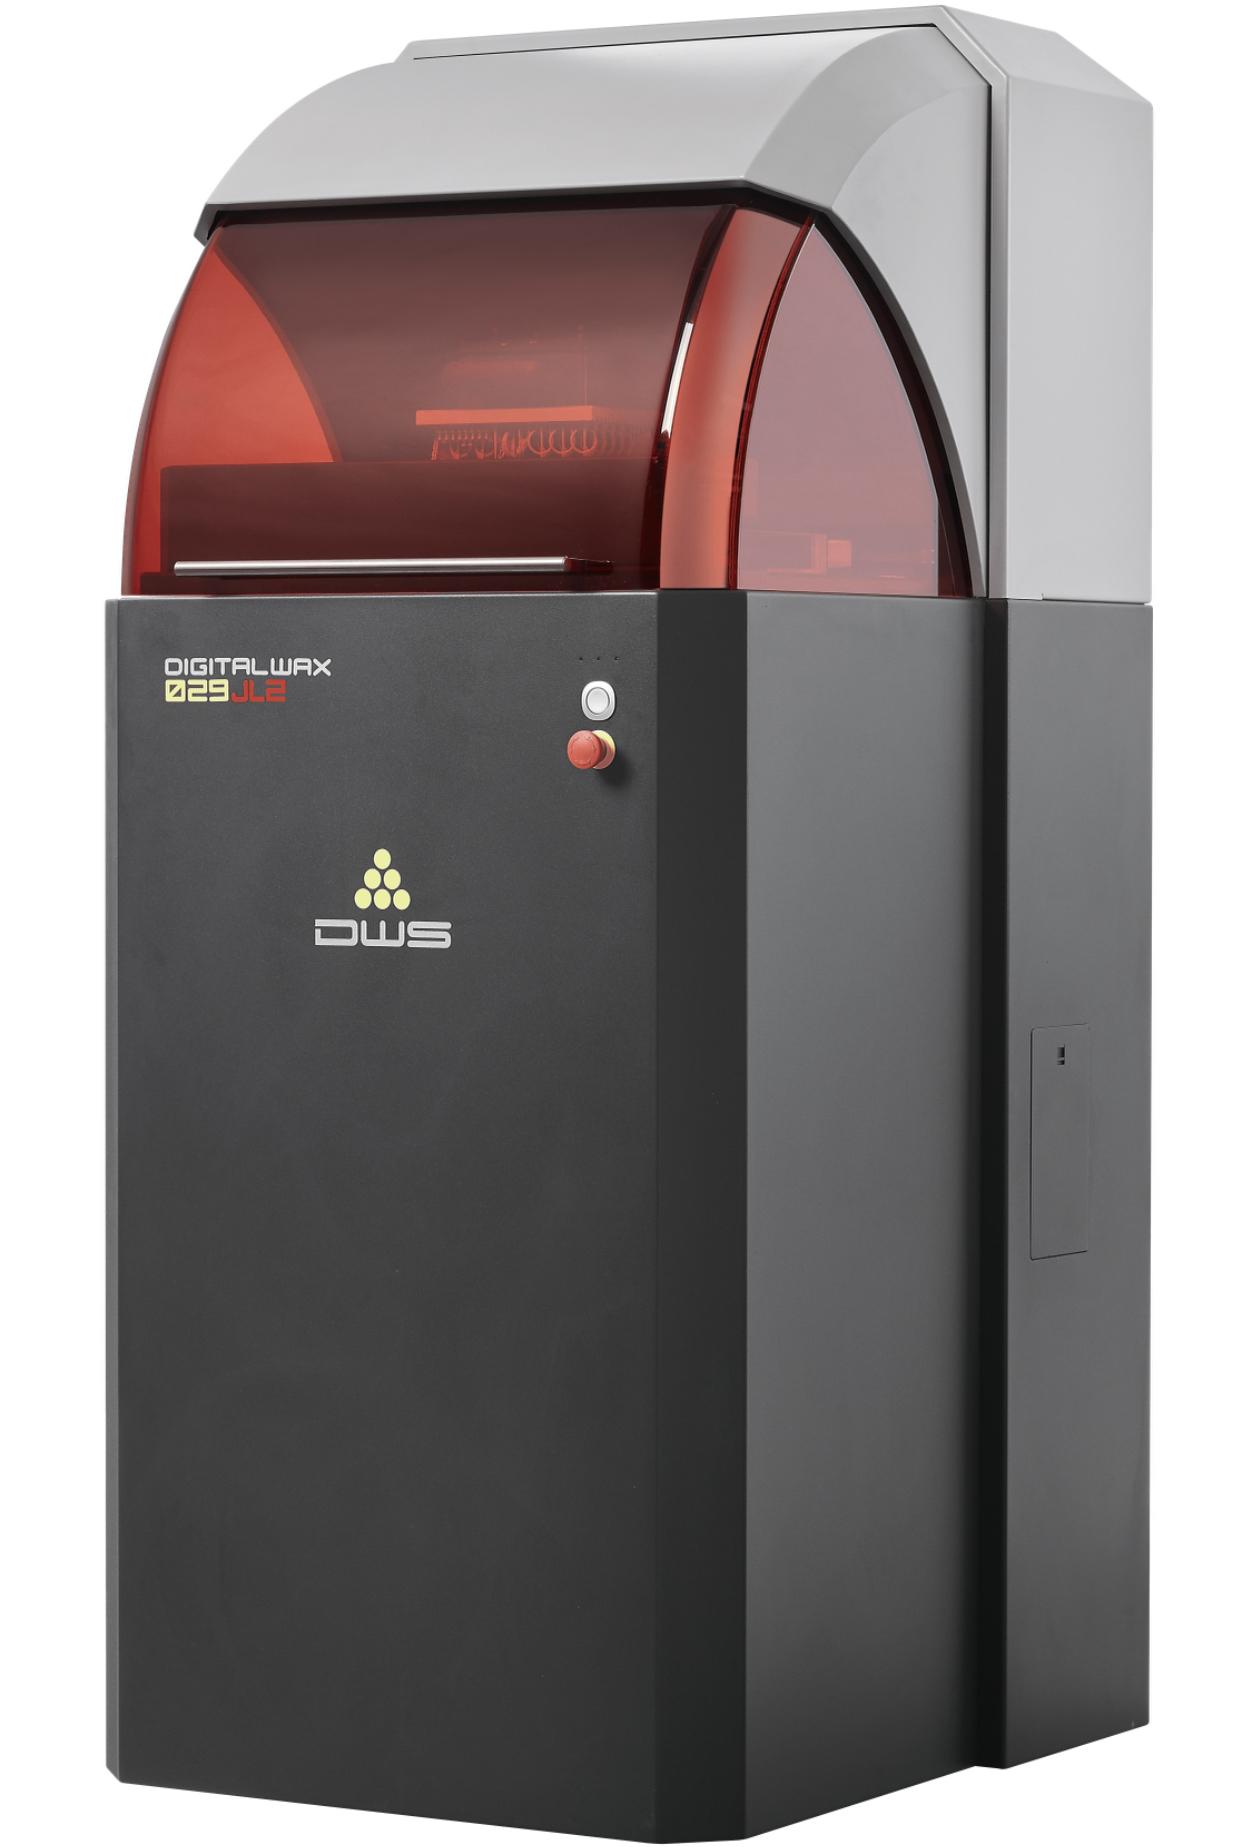 Nuova Stampante 3D 029JL2 Di DWS Systems: Prezzo In Offerta Fino A 31 Luglio 2020!